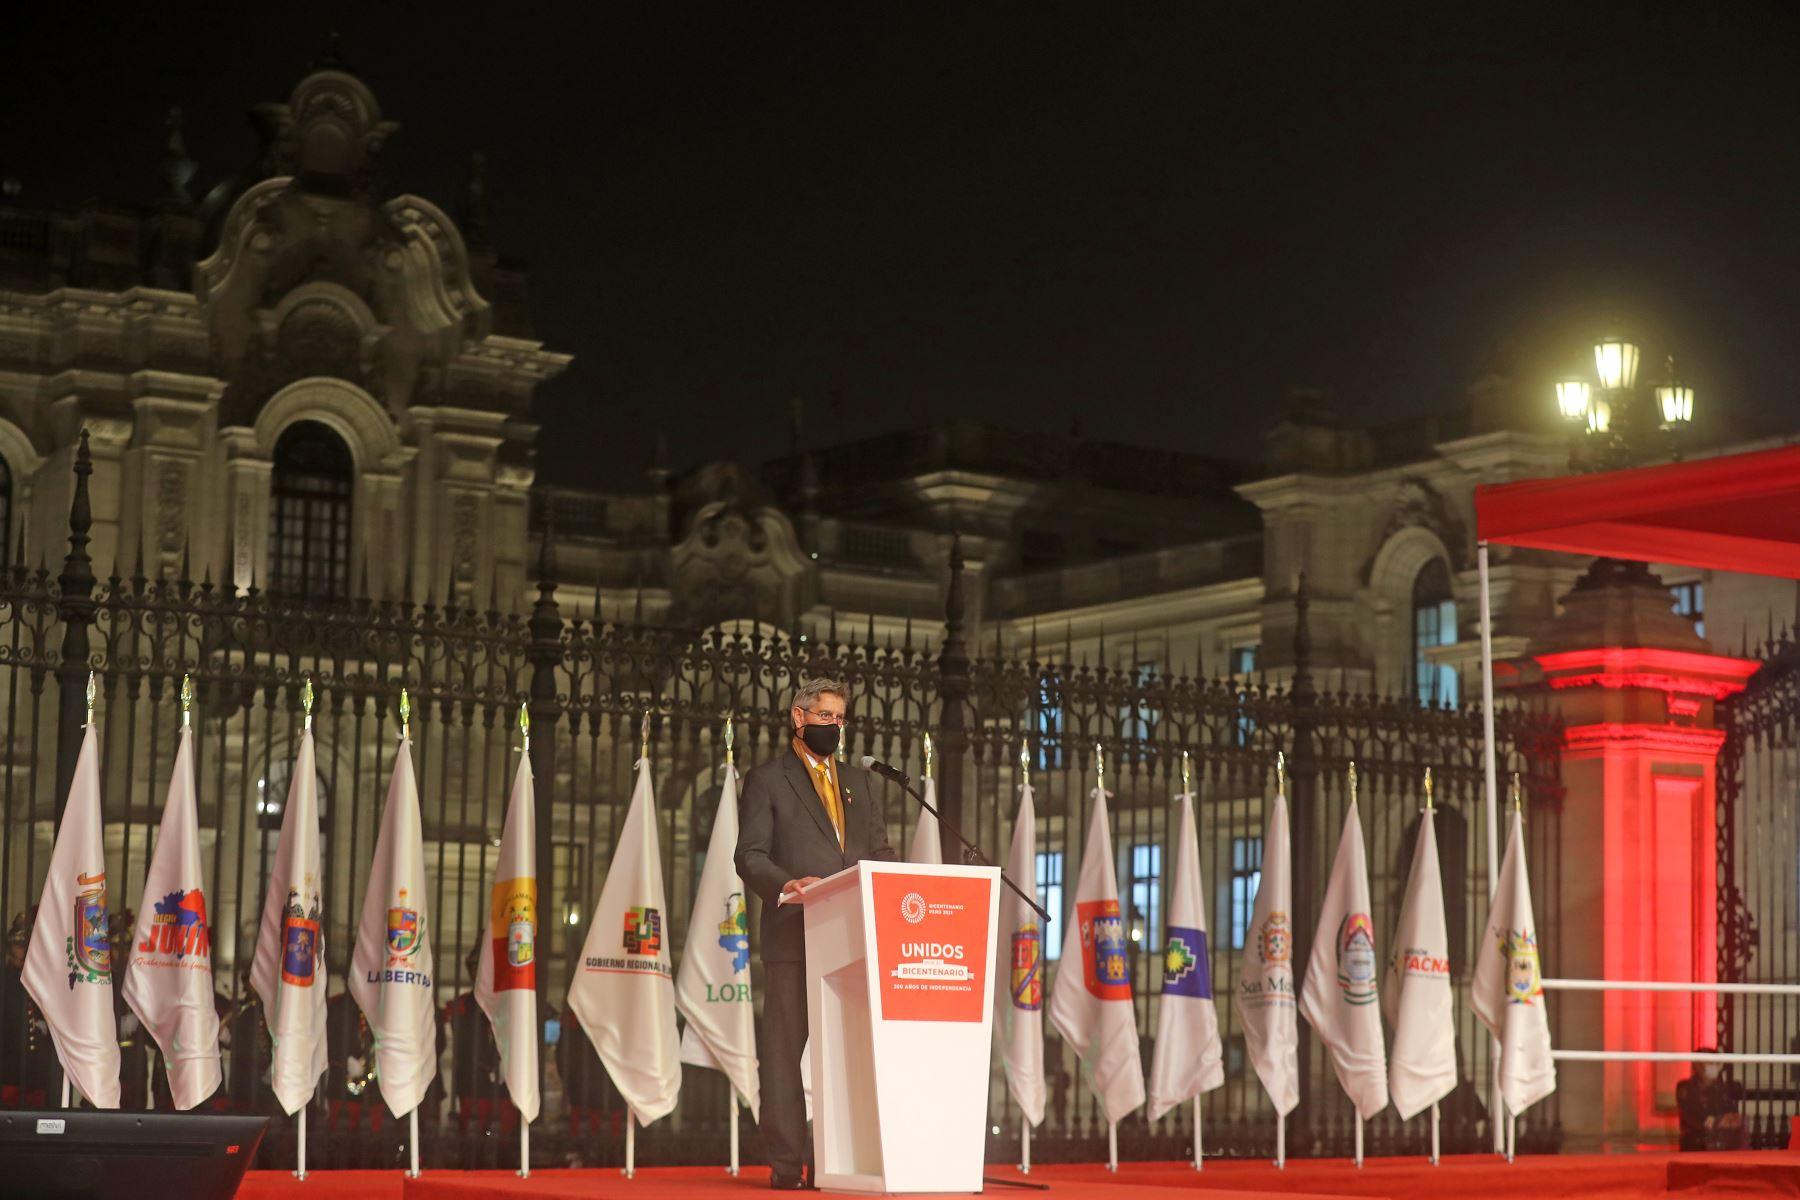 El presidente del Perú , Francisco Sagasti , lidera la ceremonia Unidos por el Bicentenario: 200 años de Independencia. Foto: ANDINA/Prensa Presidencia